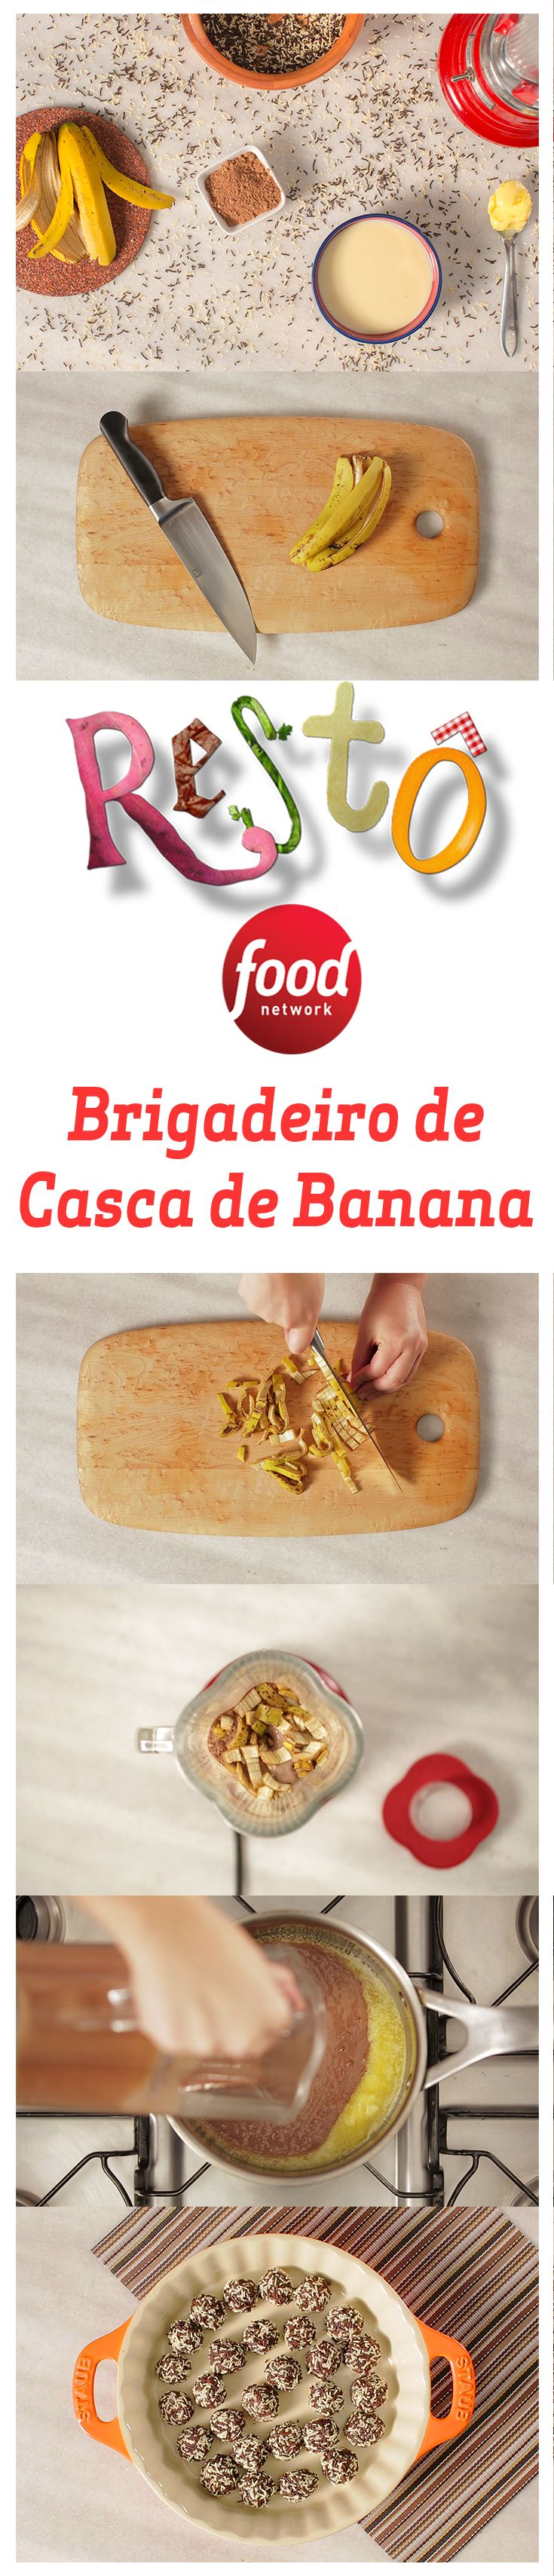 Este Brigadeiro leva Casca de Banana na sua receita e, além de ser sustentável é uma delícia!